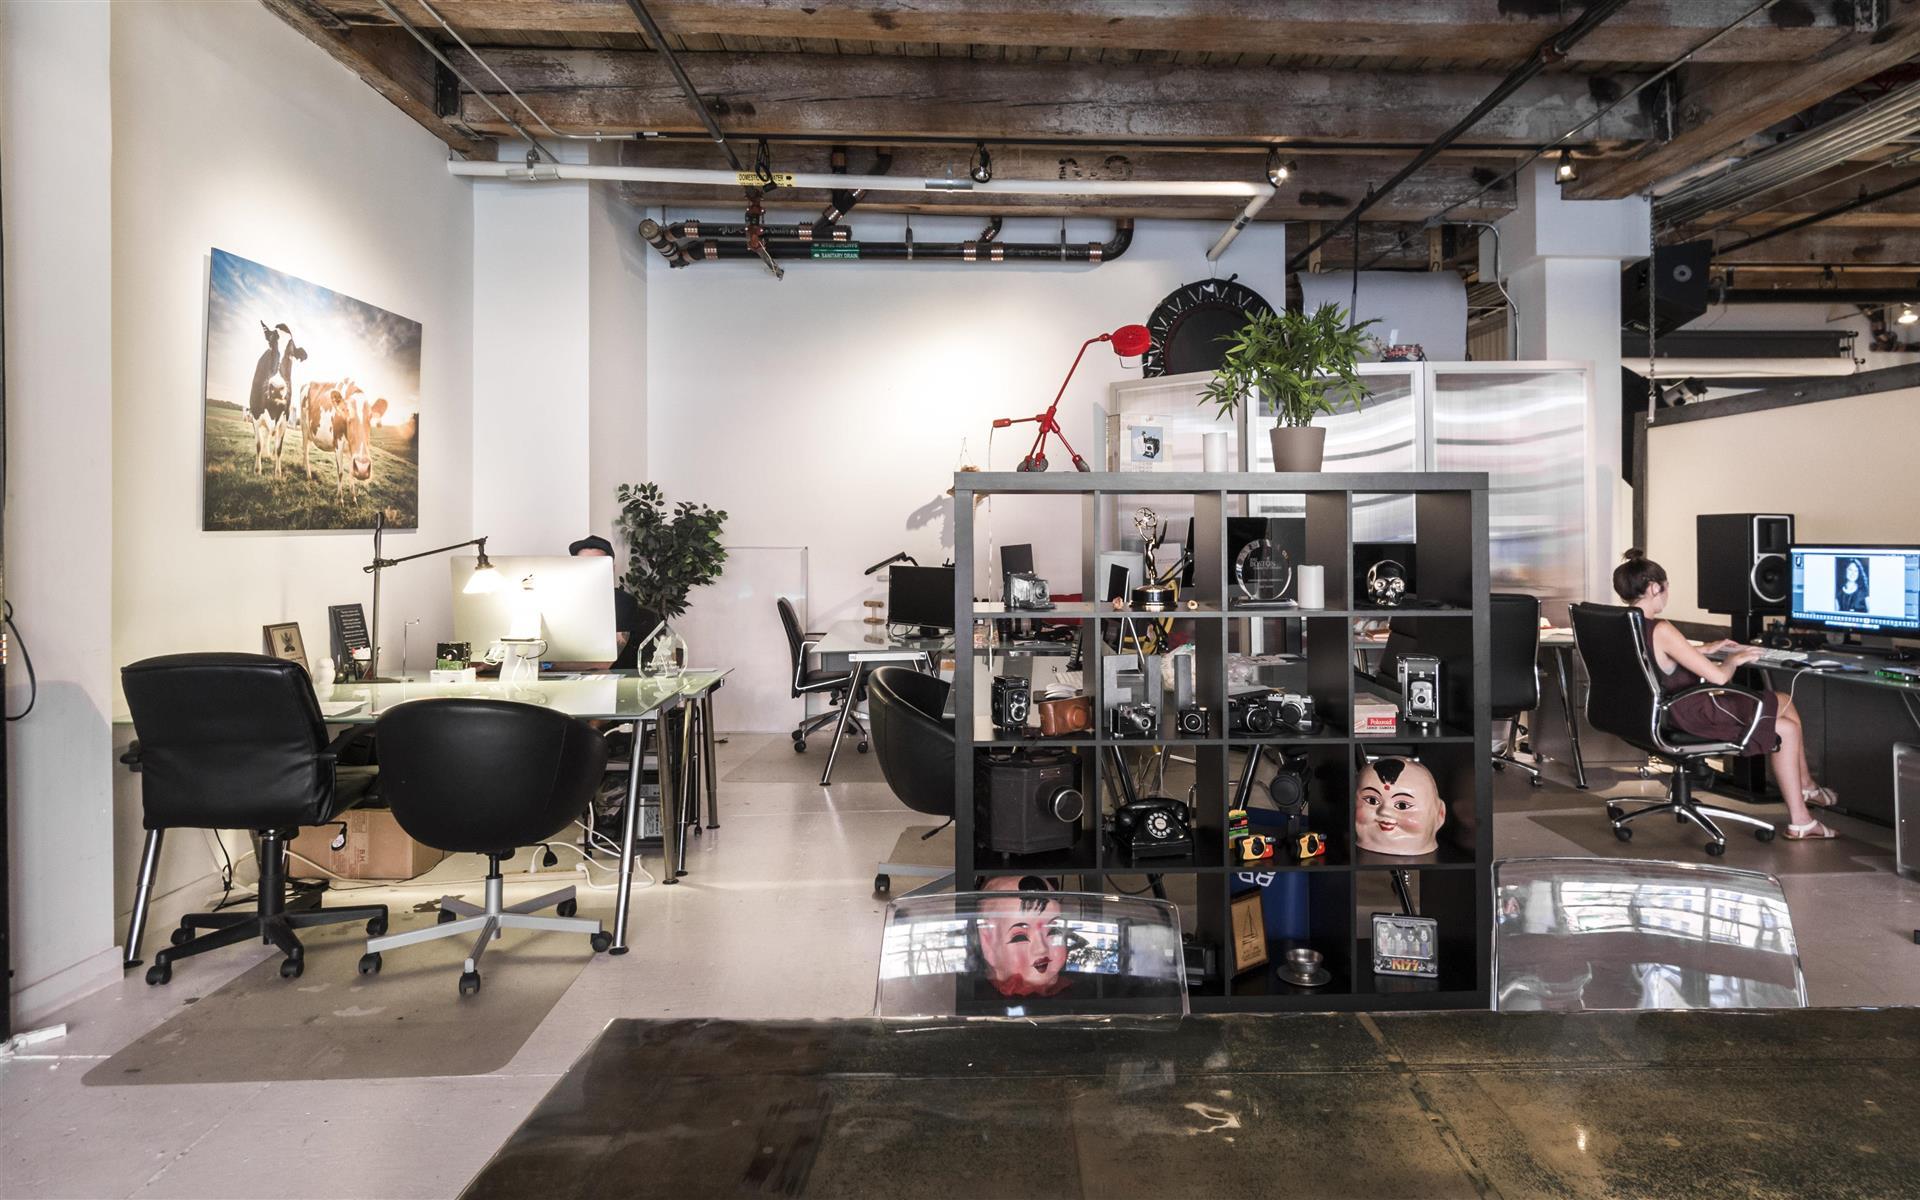 Elevin Studios - Elevin Studios - Coworking studio space